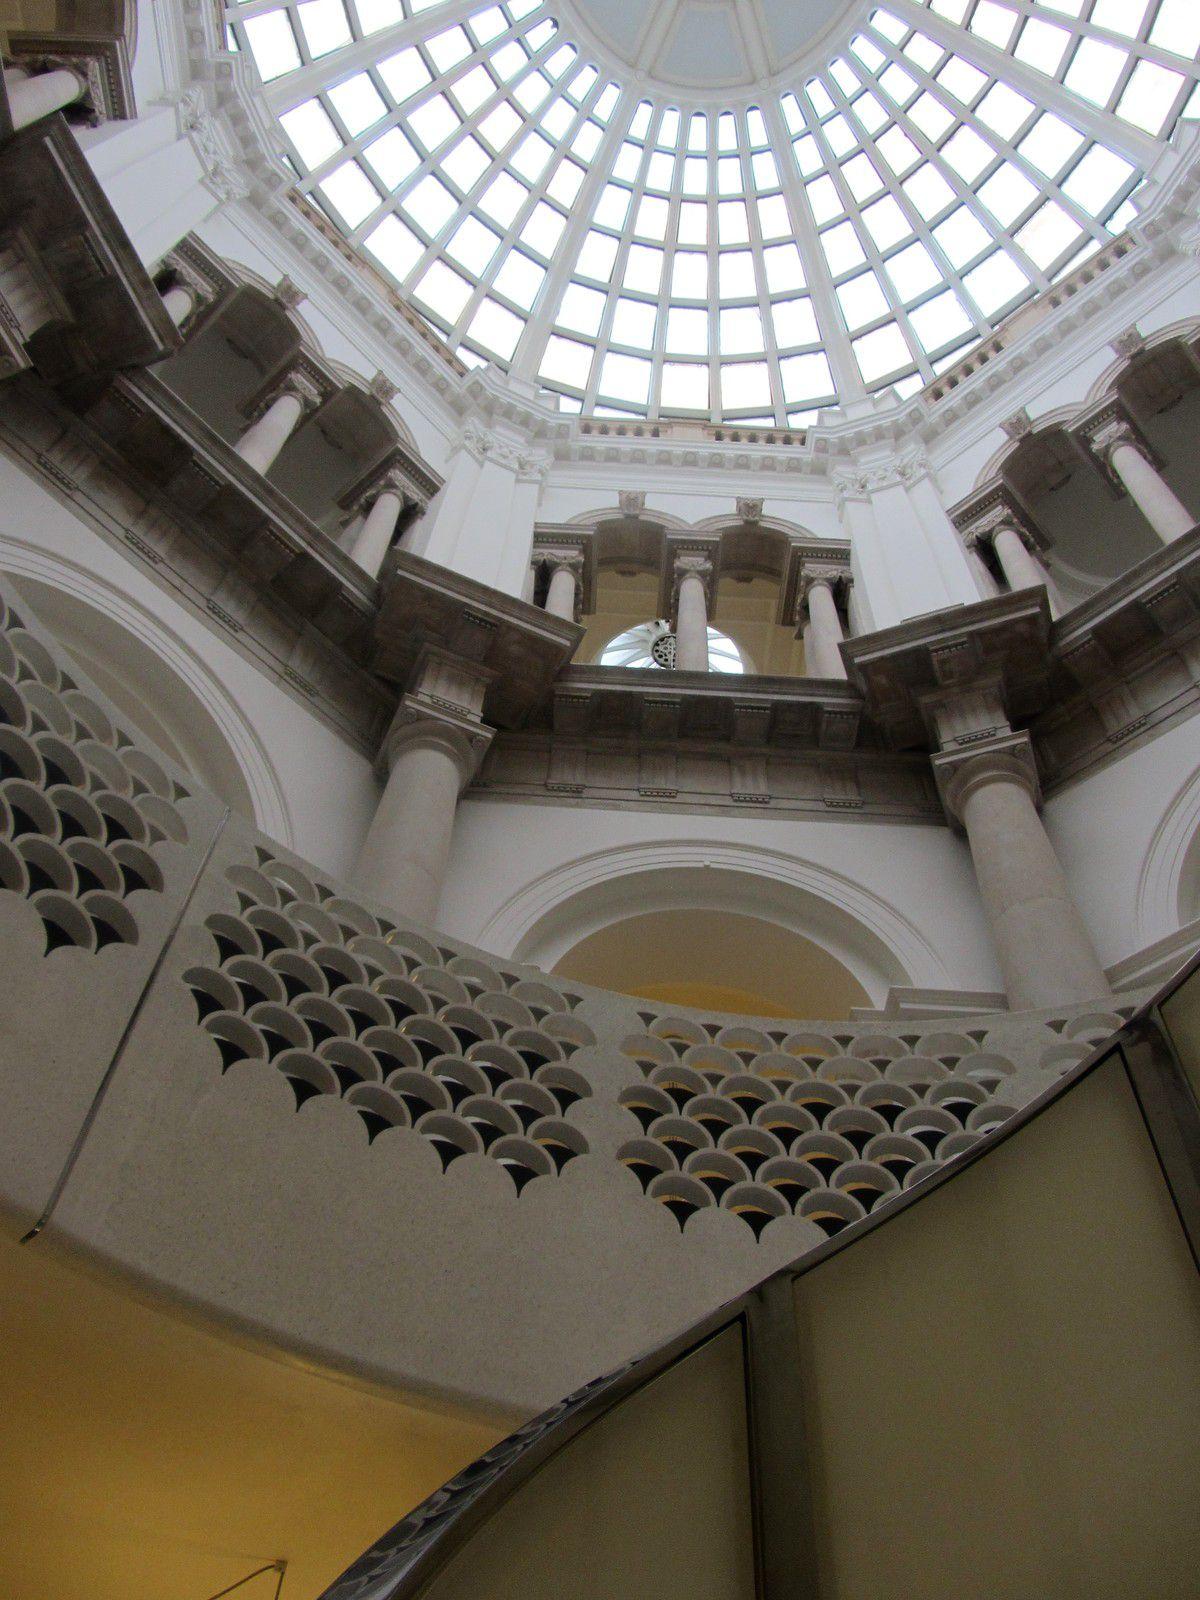 Mais avant de vous donner un aperçu de ses collections, Je voulais vous faire partager l'exceptionnelle architecture avec sa coupolle qui éclaire l'entrée du musée. Des archives retrace son histoire. Le musée n'a pas été épargné pendant les bombardements de la seconde guerre mondiale.